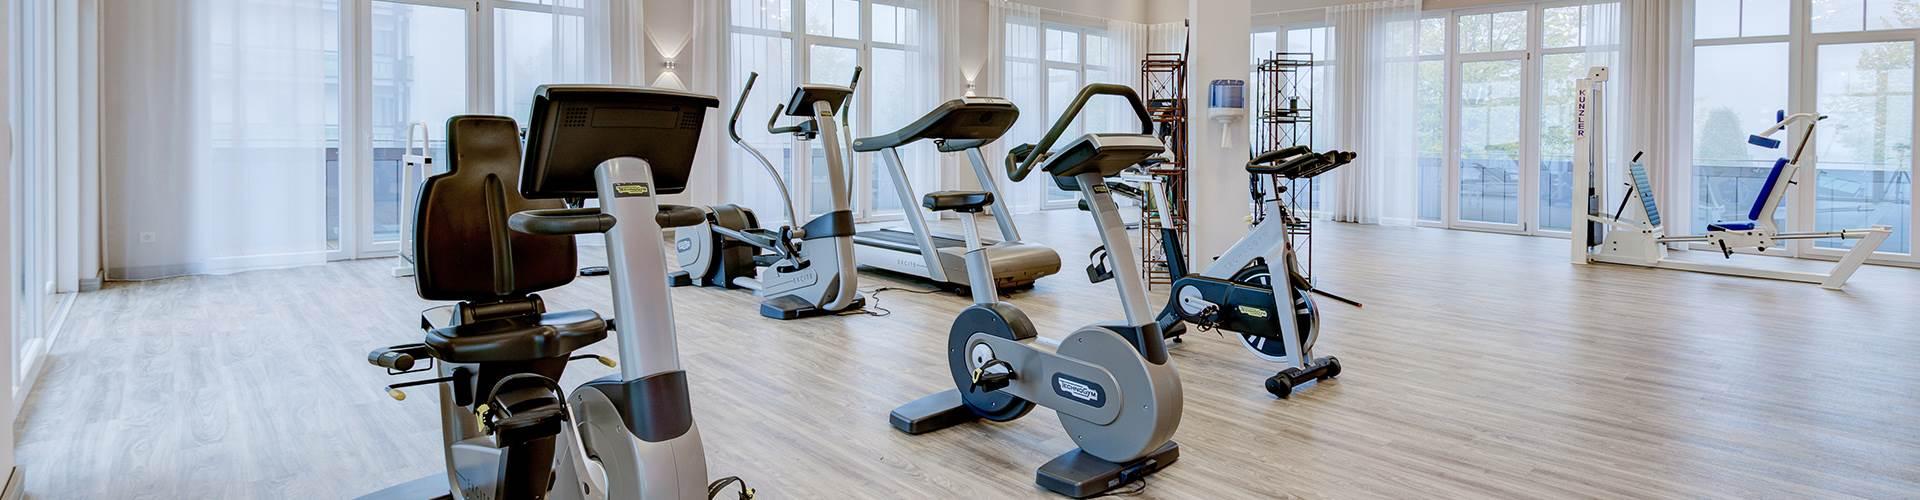 Moderne Fitnessgeräte in einem Hotelfitnessraum